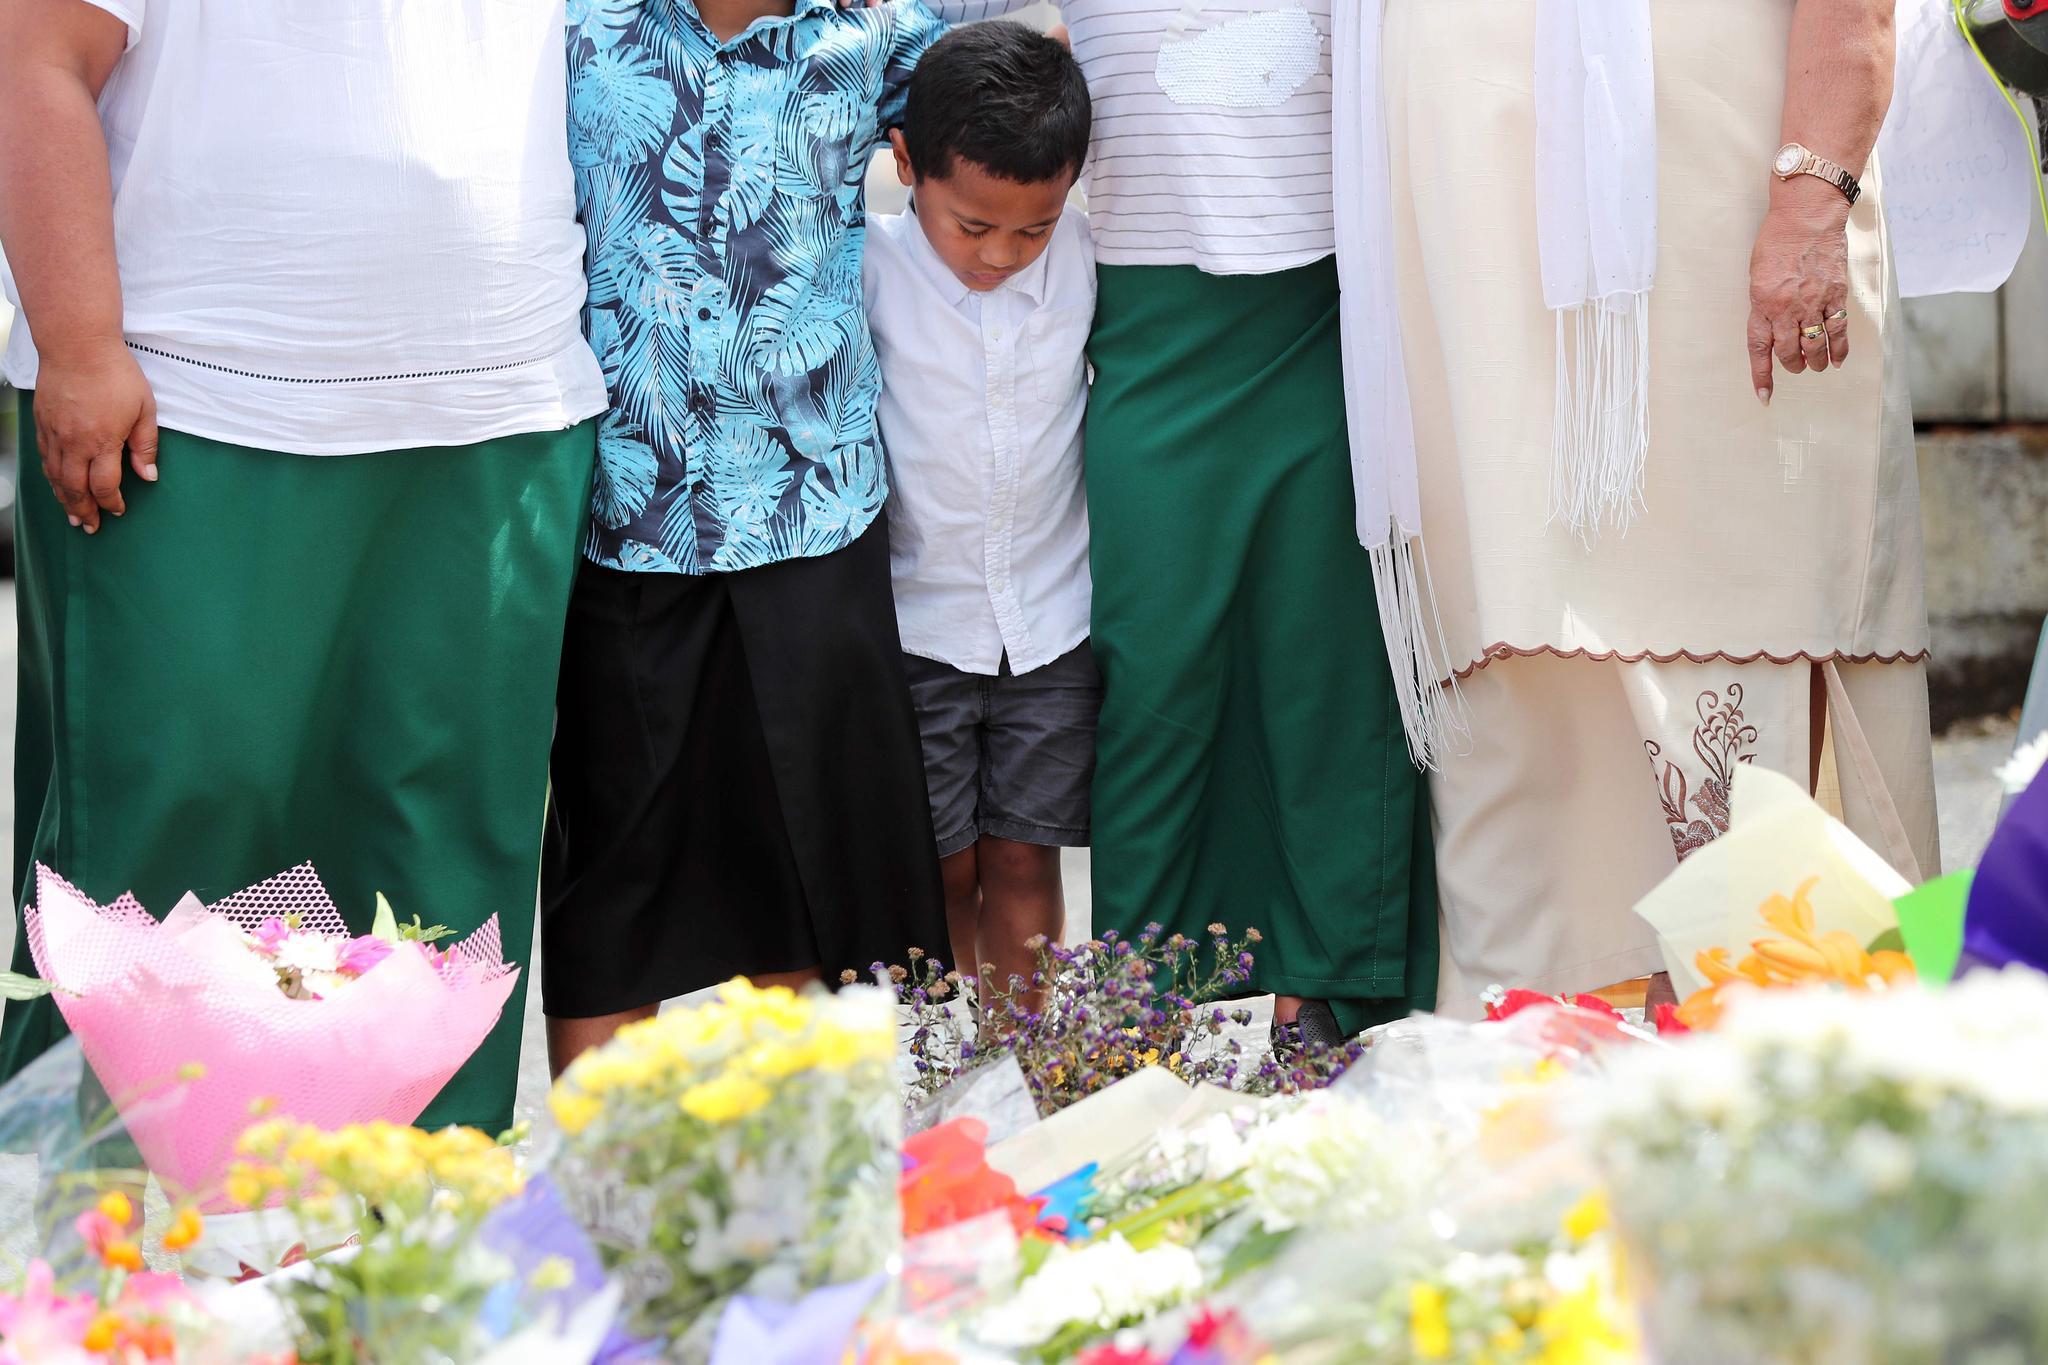 한 어린아이가 17일(현지시간) 뉴질랜드 크라이스트처치에서 희생자를 위해 기도하고 있다. [AFP=연합뉴스]